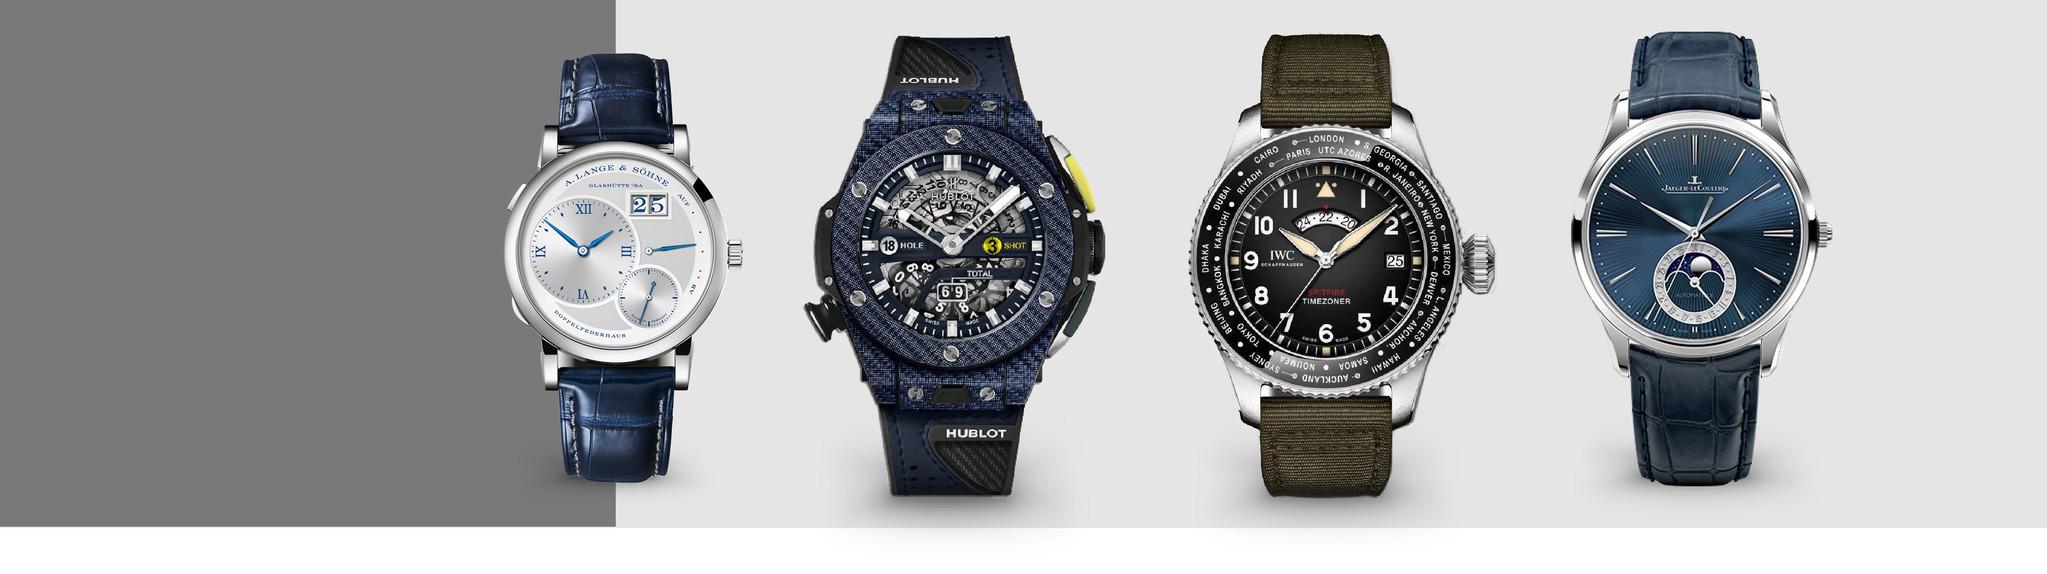 novelty horloges | de nieuwste horloges bij Schaap en Citroen juweliers